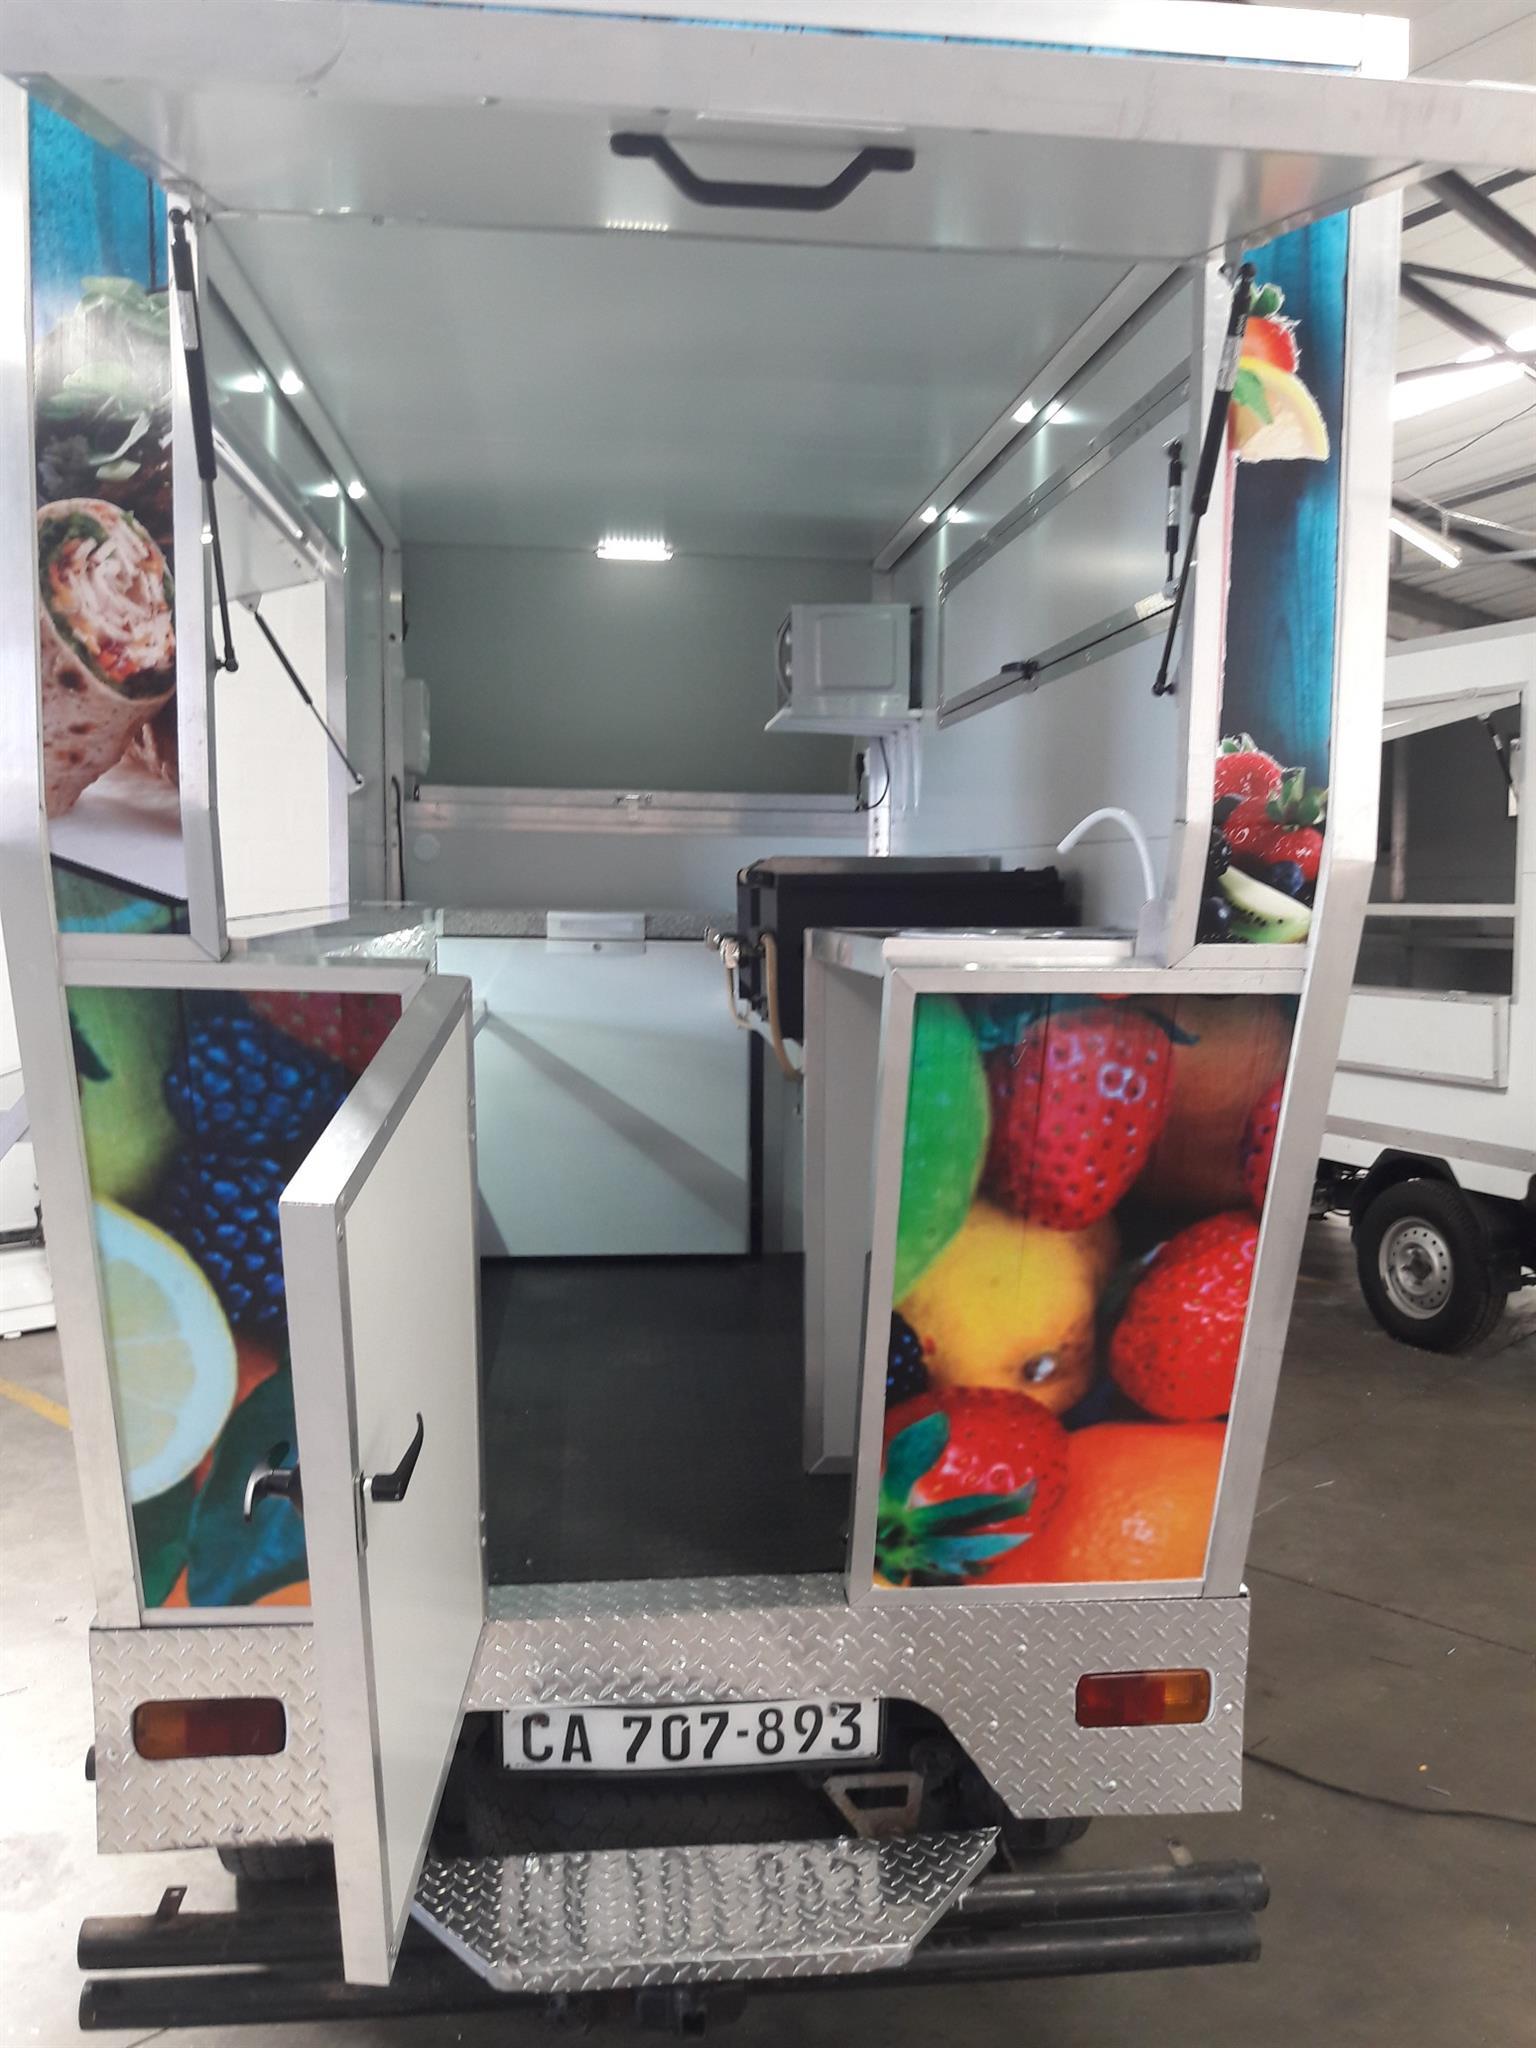 Fantastic-FOOD-TRUCKS For Sale / Kos-Trokkies Te Koop - May Special offer Now On